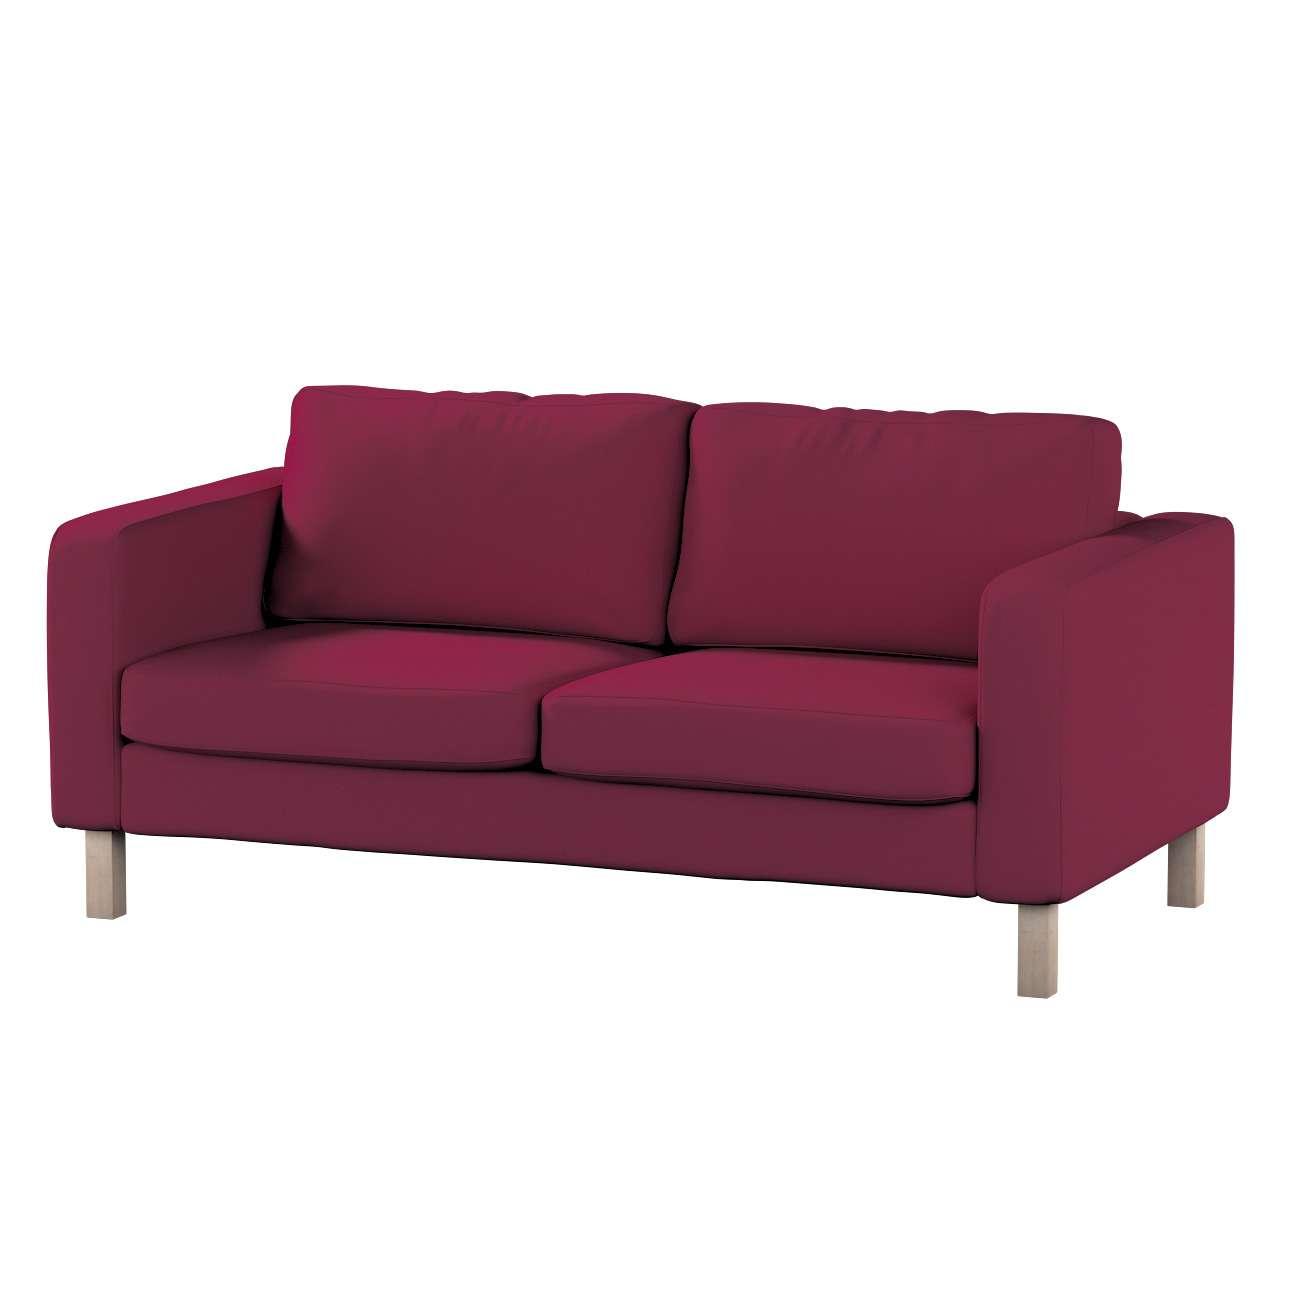 KARSLTAD dvivietės sofos užvalkalas Karlstad 2-vietės sofos užvalkalas kolekcijoje Cotton Panama, audinys: 702-32